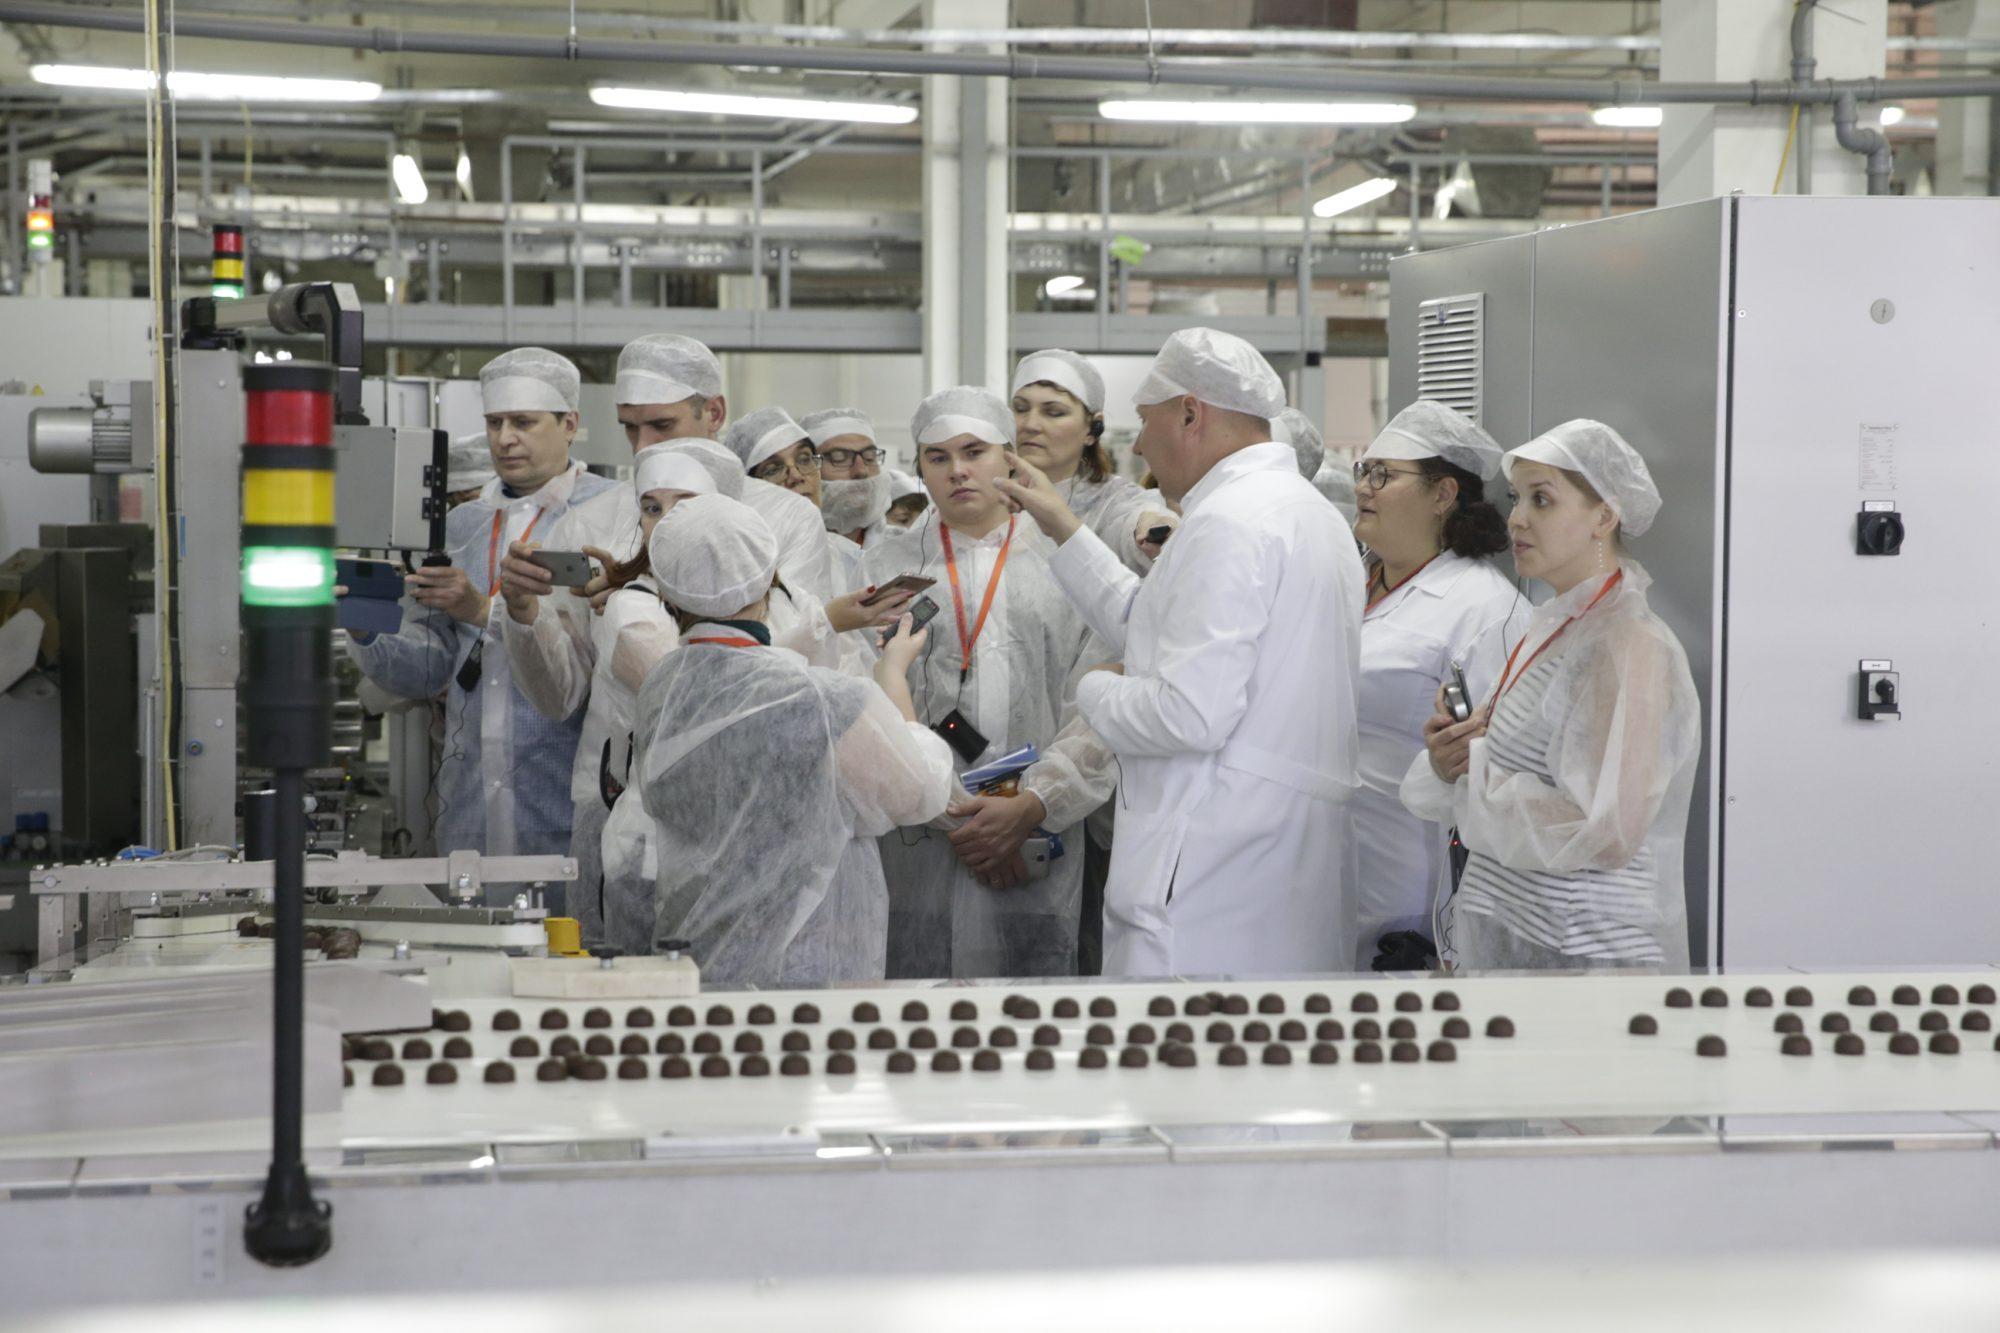 Съешь конфетку: холдинг «Эссен Продакшн» расширяет кондитерское производство в Татарстане